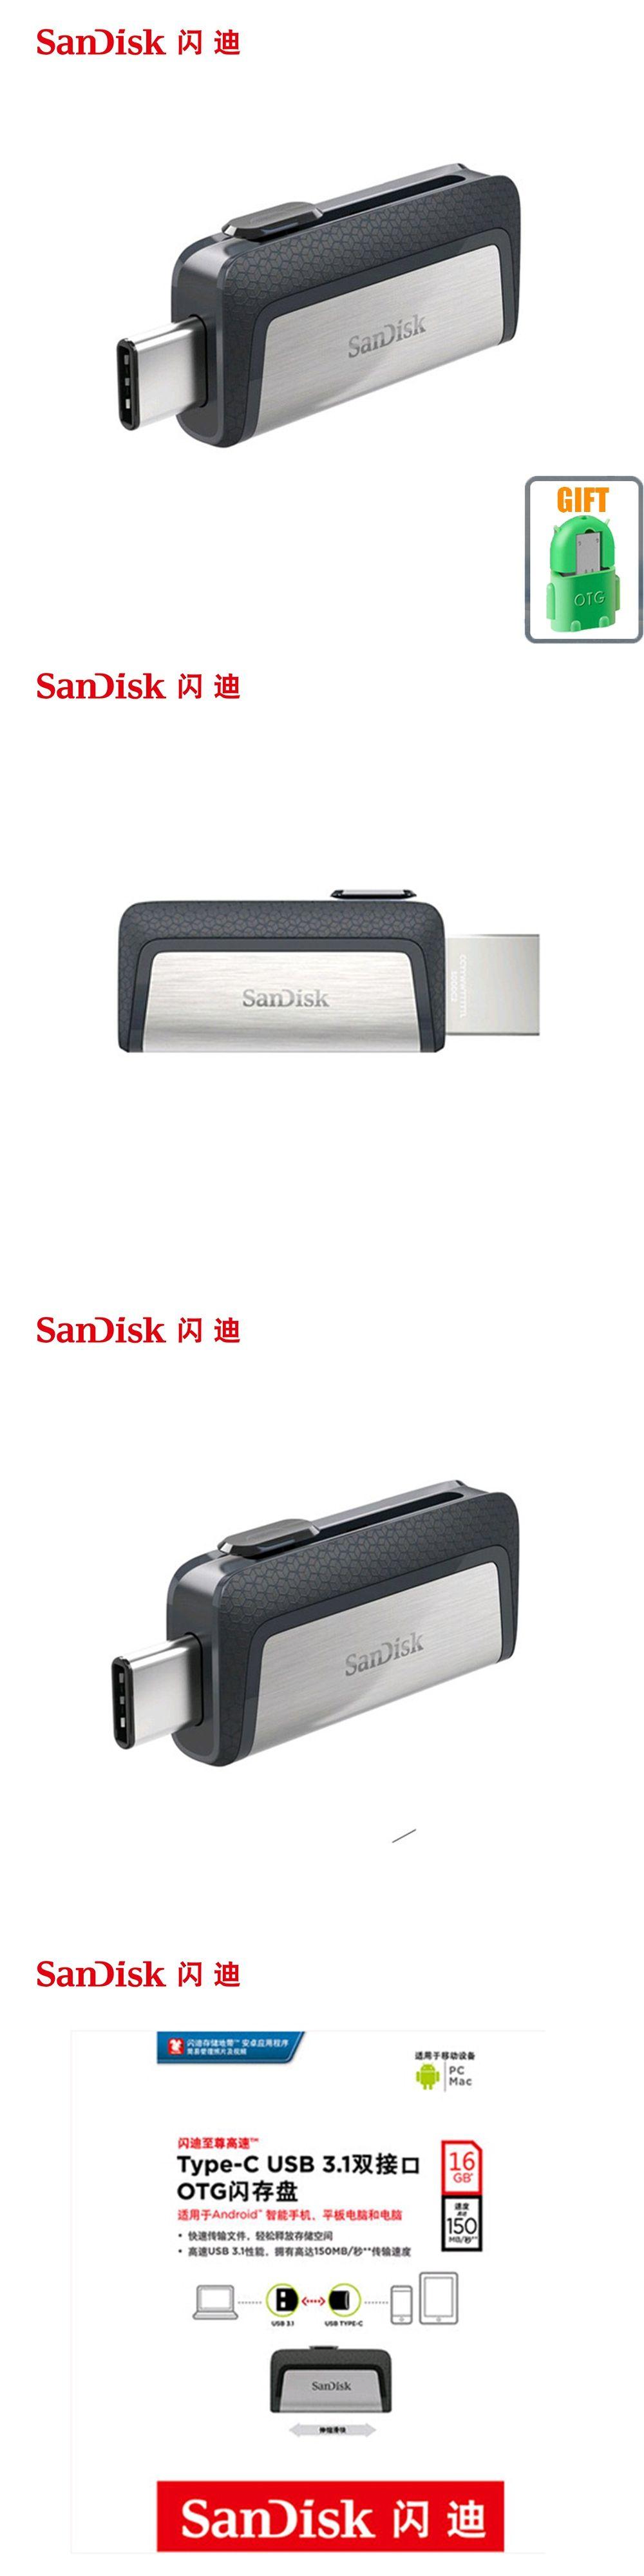 Sandisk Usb Flash Drive 16gb 32gb 64gb 128gb 150mbs Type C Usb31 Otg Dual